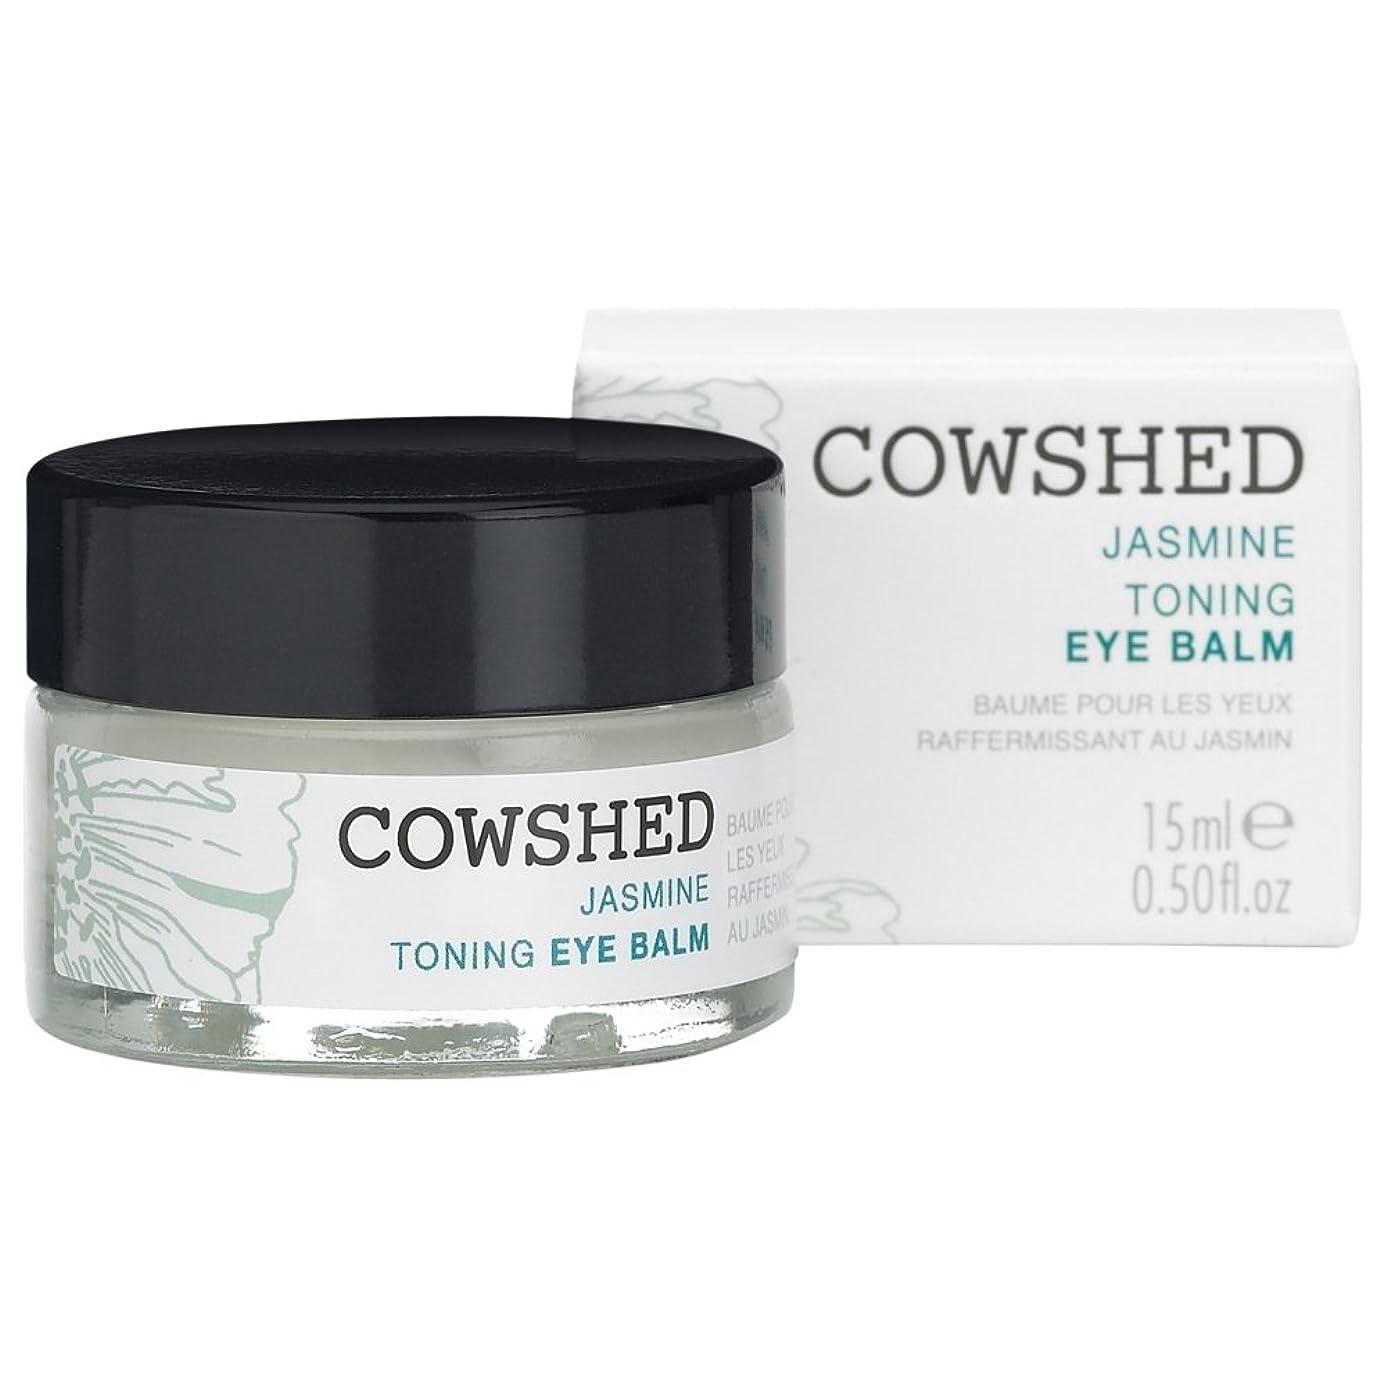 放射する行商人ライオン牛舎ジャスミン調色アイクリーム15ミリリットル (Cowshed) (x2) - Cowshed Jasmine Toning Eye Balm 15ml (Pack of 2) [並行輸入品]